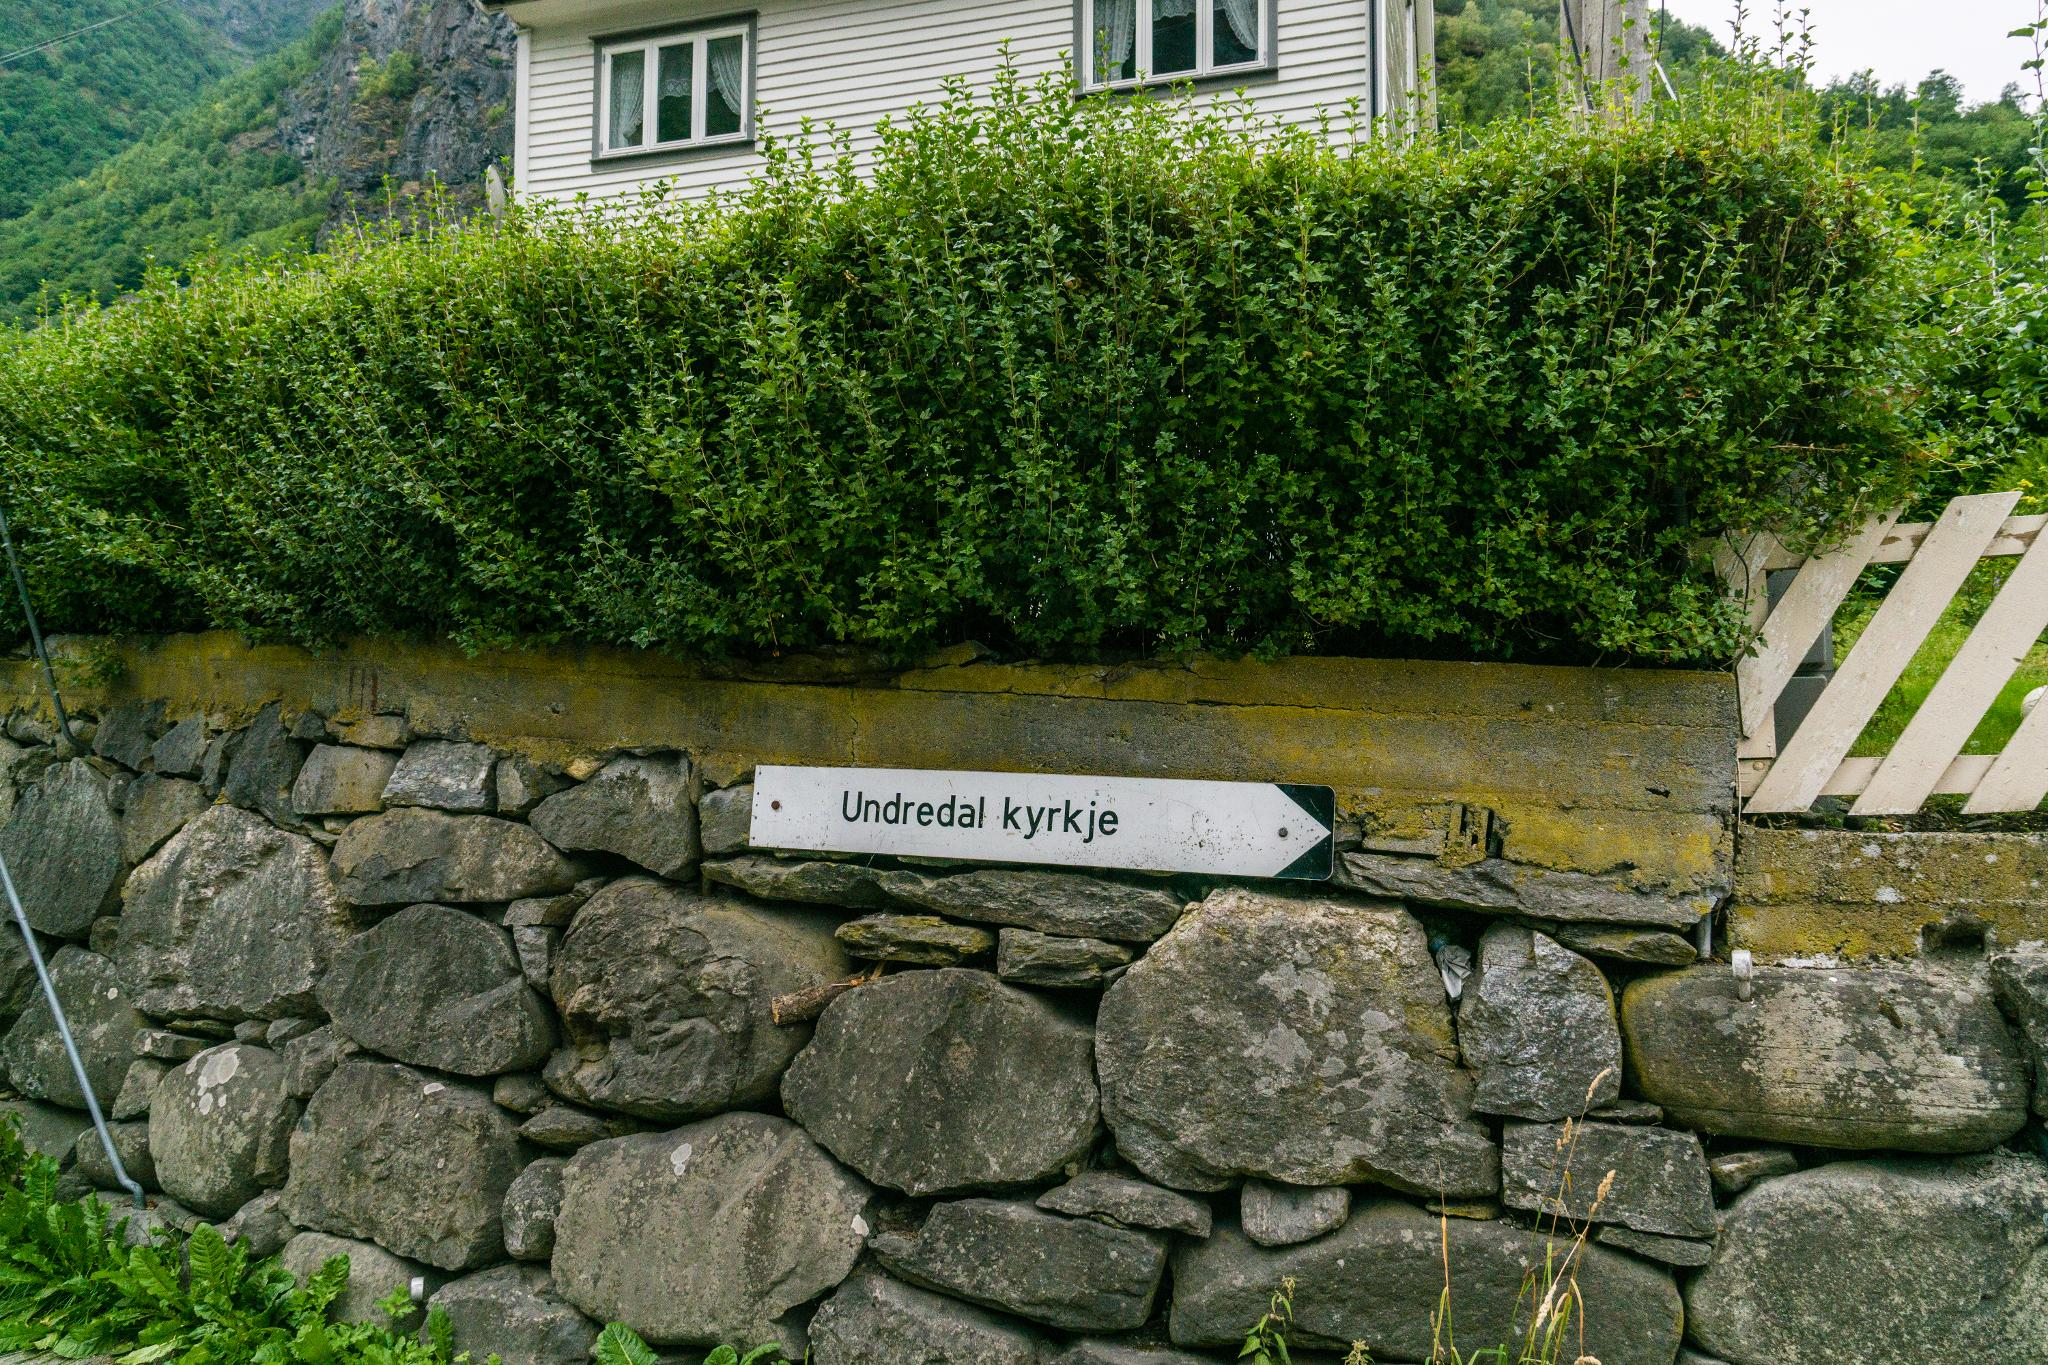 【北歐景點】深入松恩峽灣最美村落 — Undredal 山羊小鎮探秘、大啖羊奶起司 5